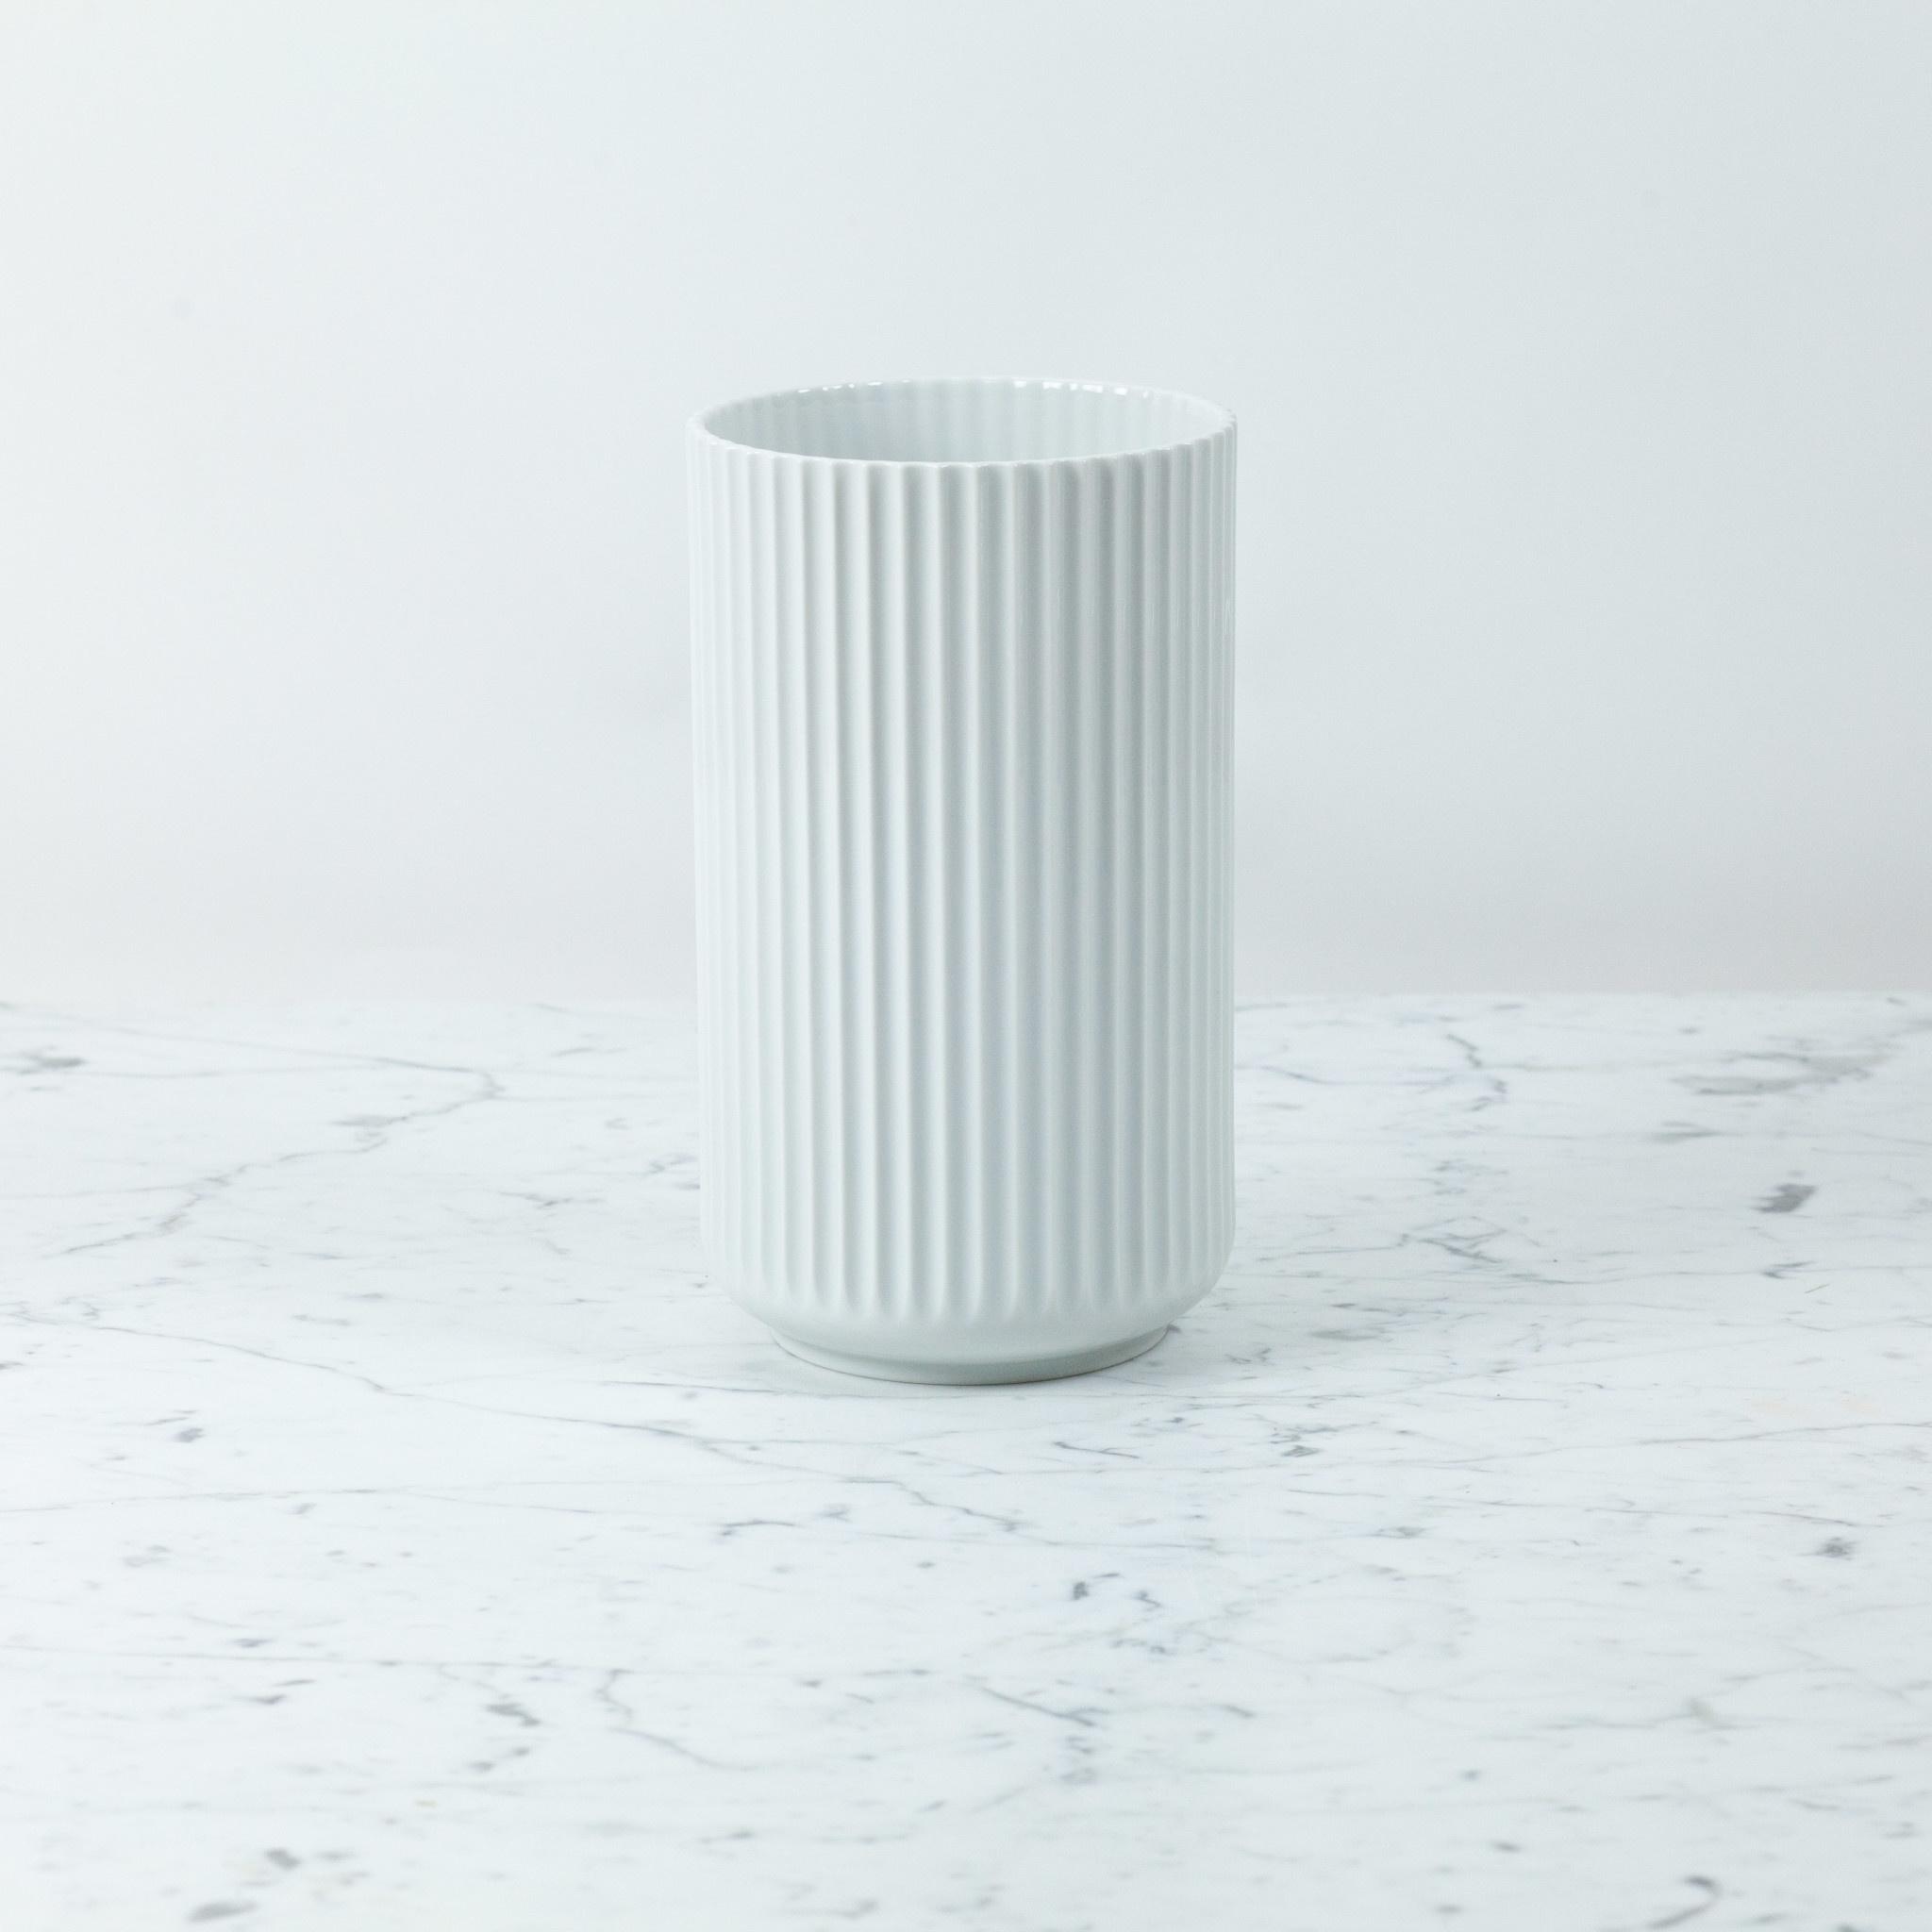 Lyngby Porcelain Lyngby Fluted Vase - 25 cm - Glossy White